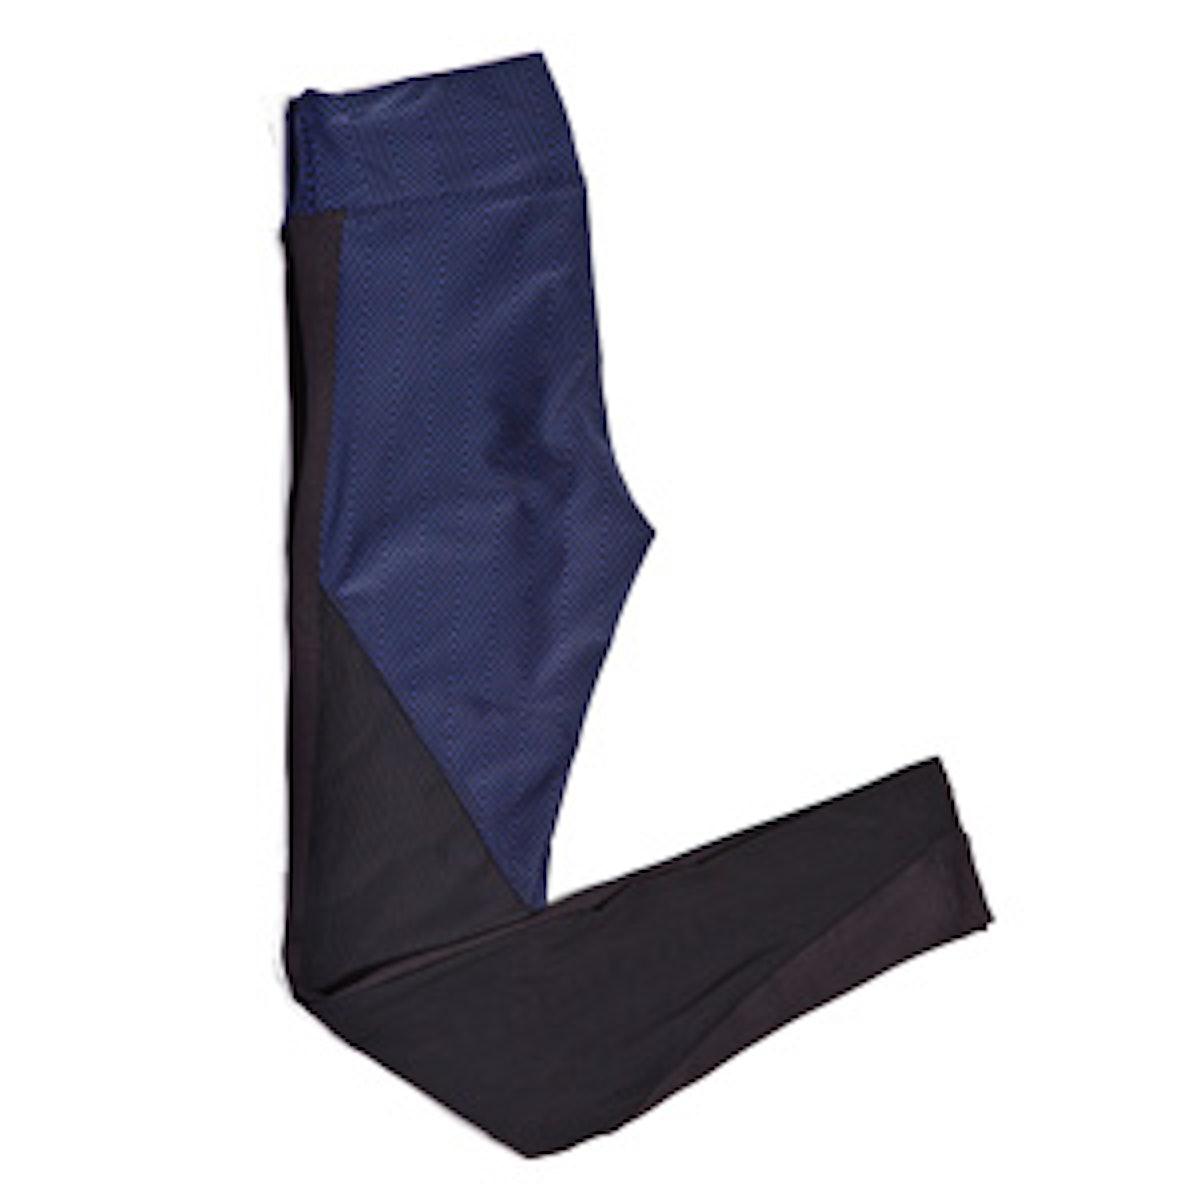 Lucent Legging